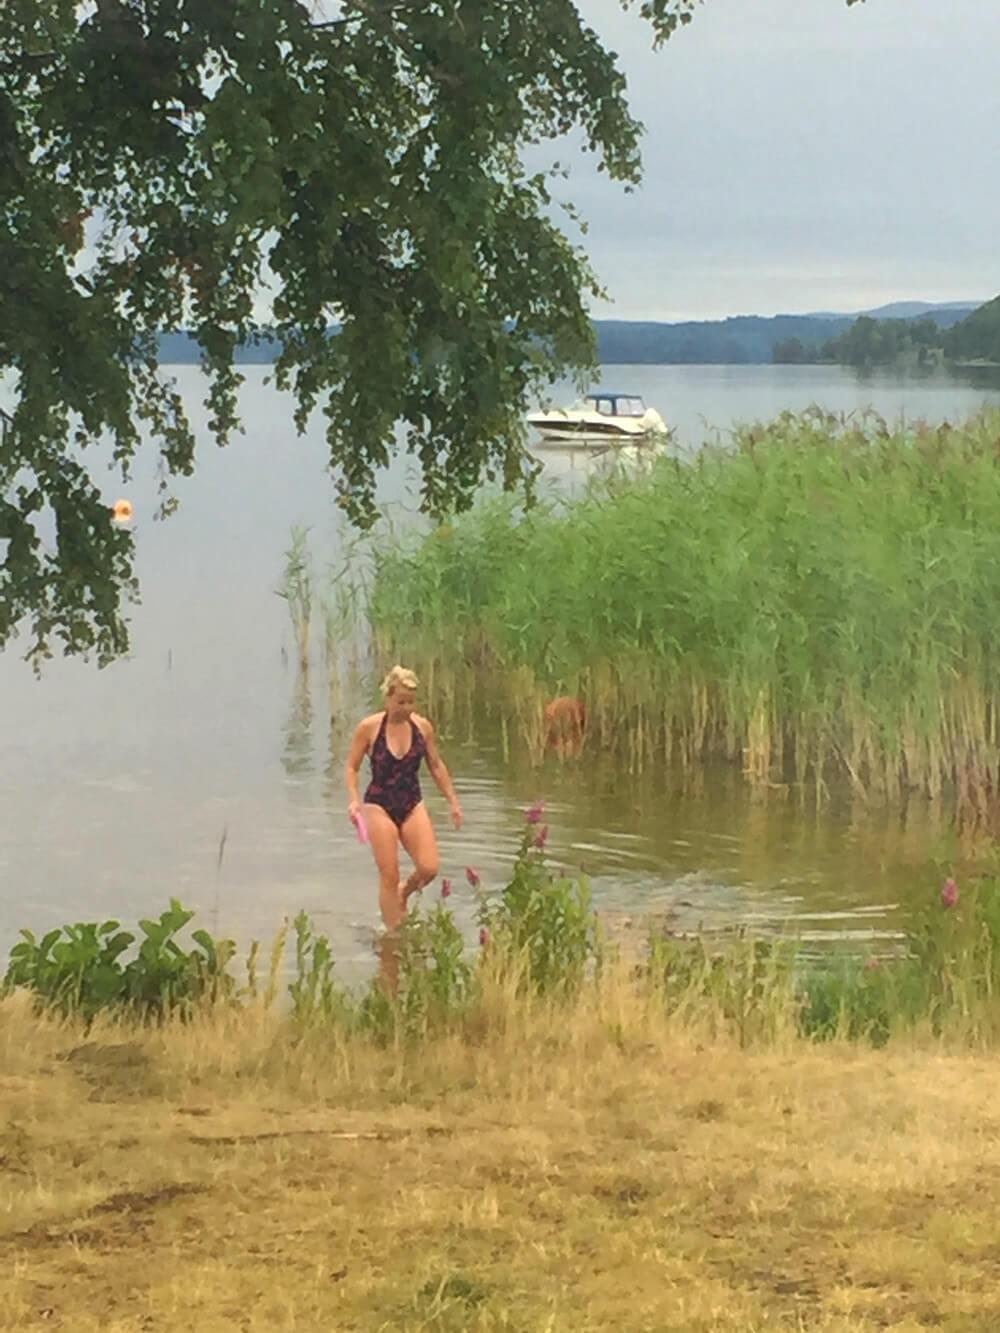 Sommarbad i sjön Fryken, Värmland